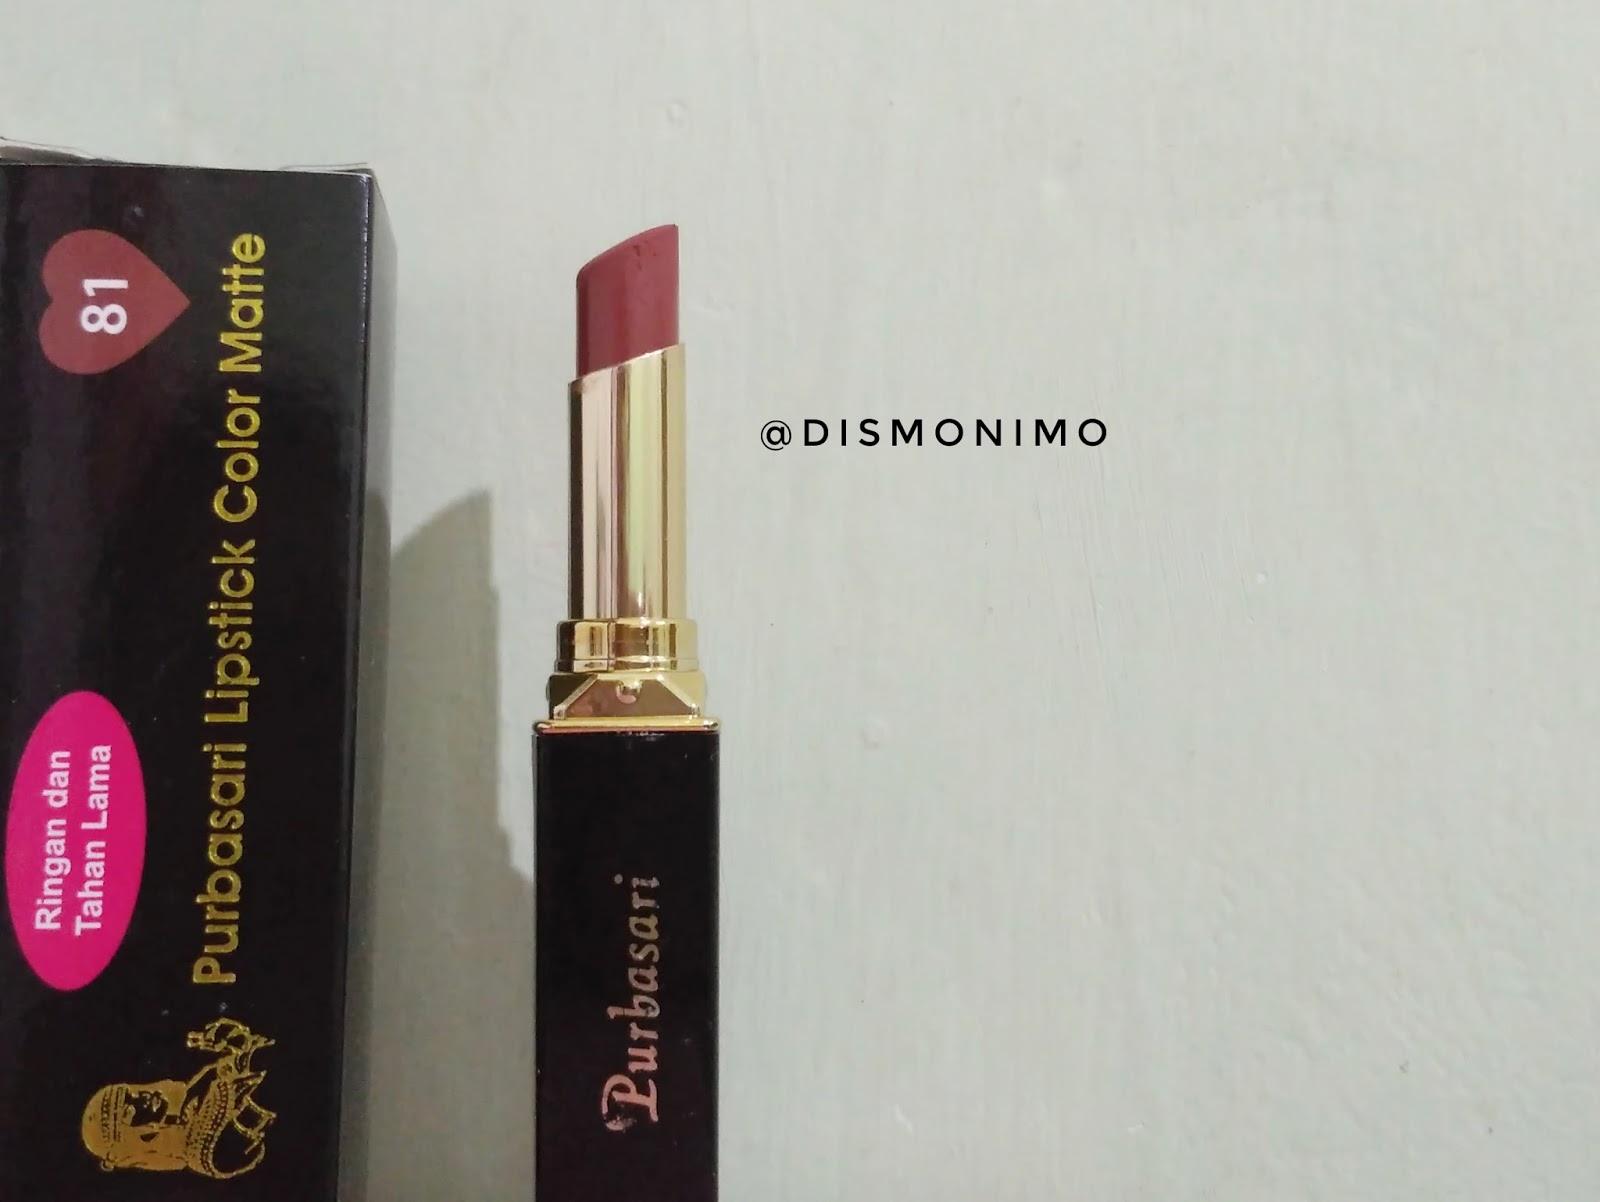 Review Purbasari Lipstick Color Matte Nomor 81 Lipstik Collor Box Berwarna Hitam Di Tertera Keterangan Dan Warna Netto 4 Gram Tanggal Kadaluarsa